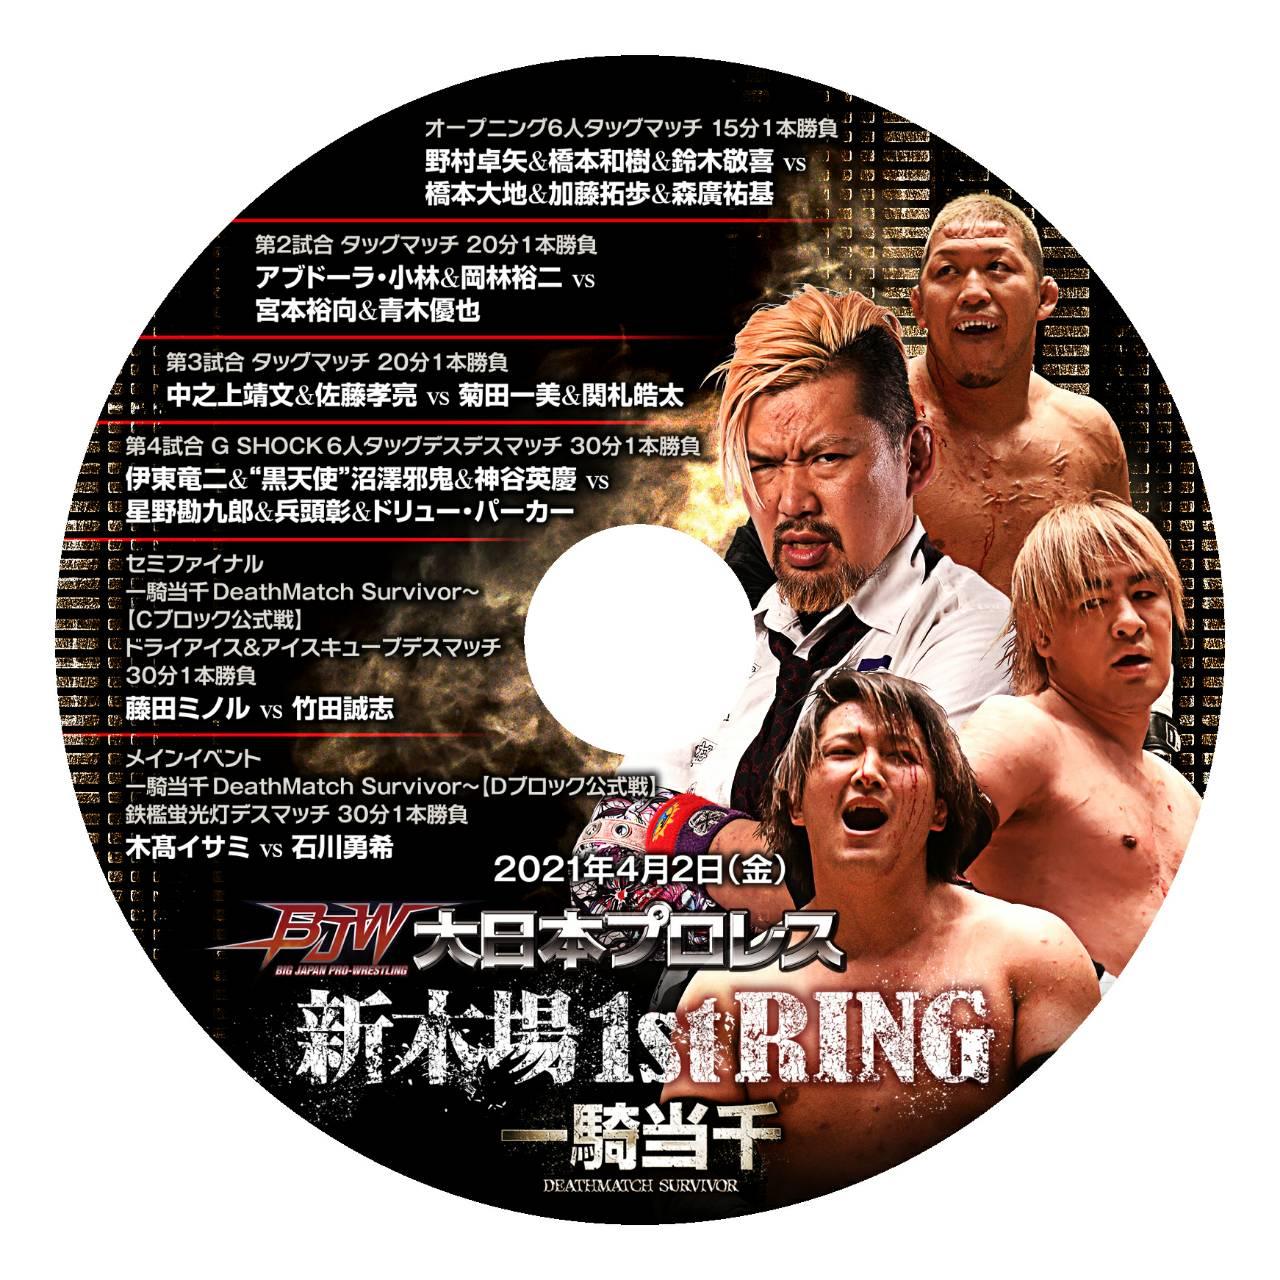 大日本プロレスDVD-Rシリーズ「2021年4月2日新木場ファーストリング大会」